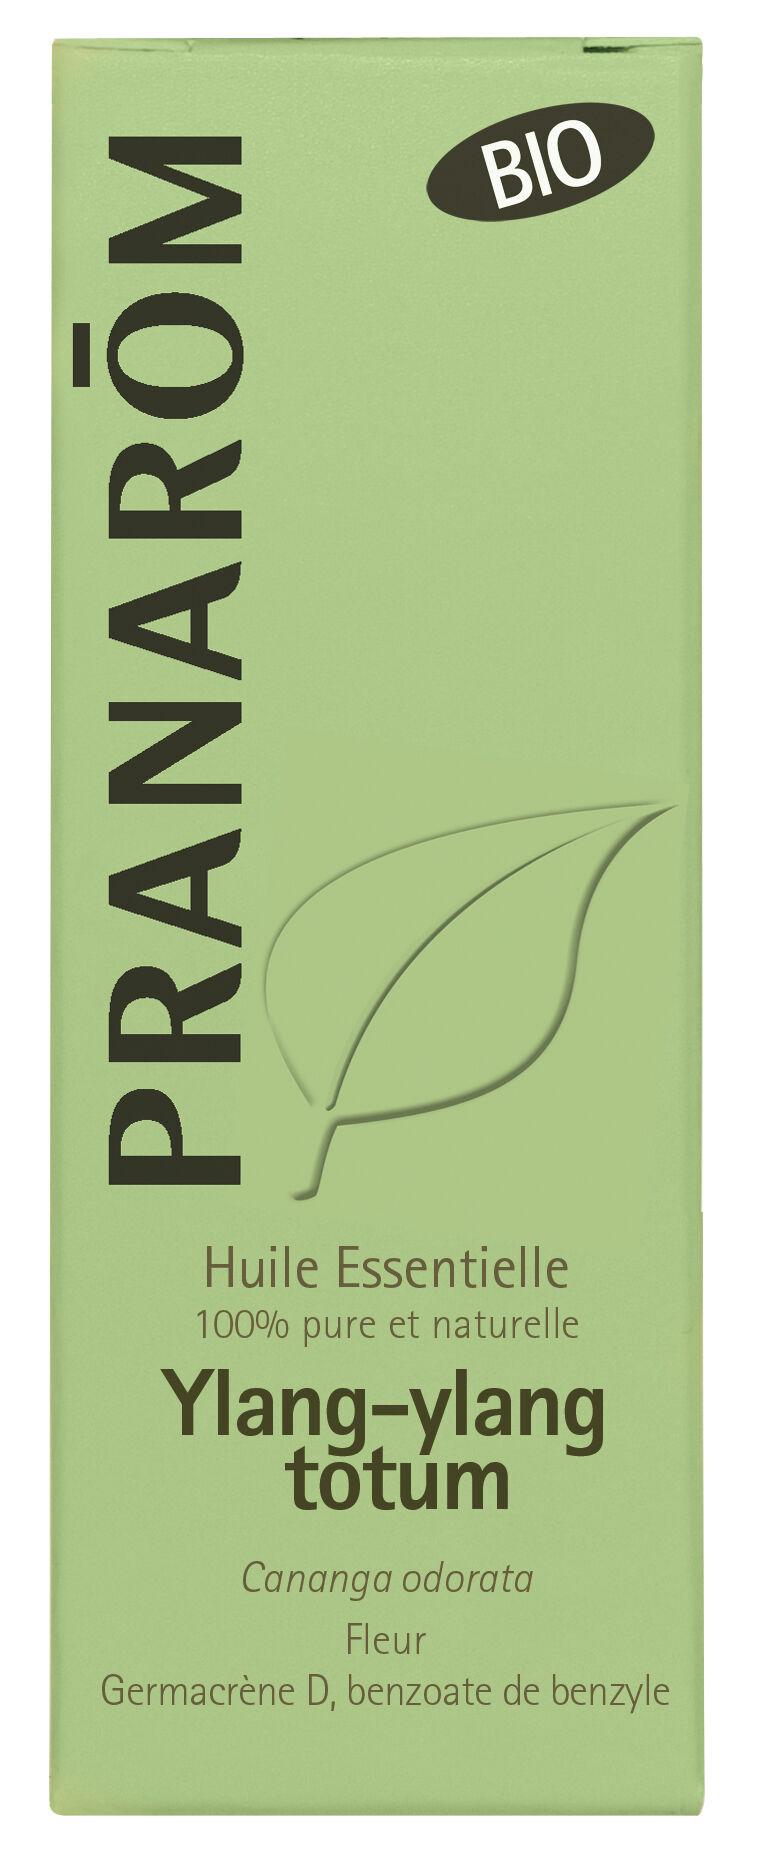 """Eyeslipsface """"Huile essentielle Ylang-ylang totum Bio 5ml -PRANARÔM (0000) 5"""""""